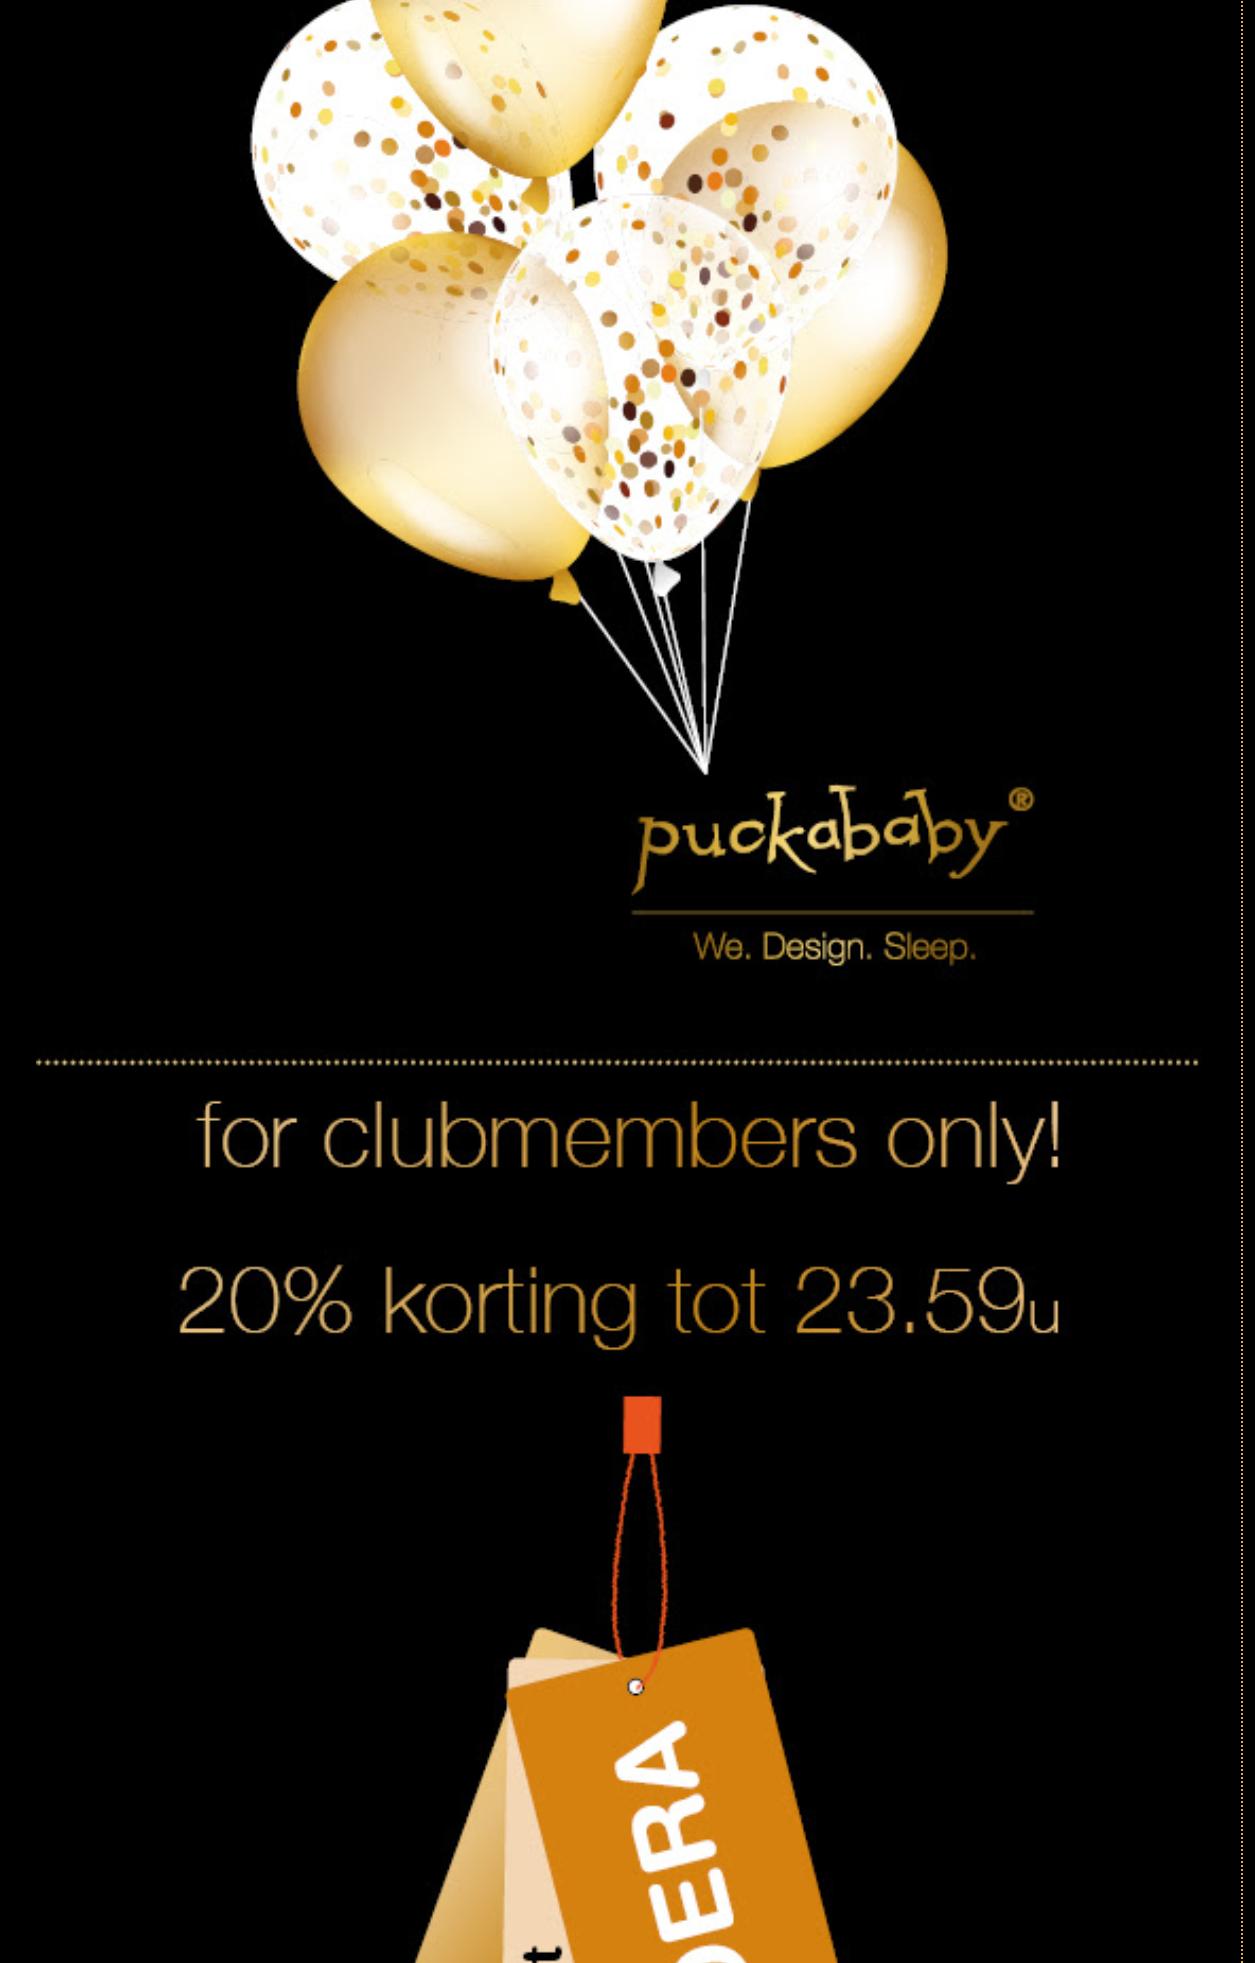 Puckababy 20% korting